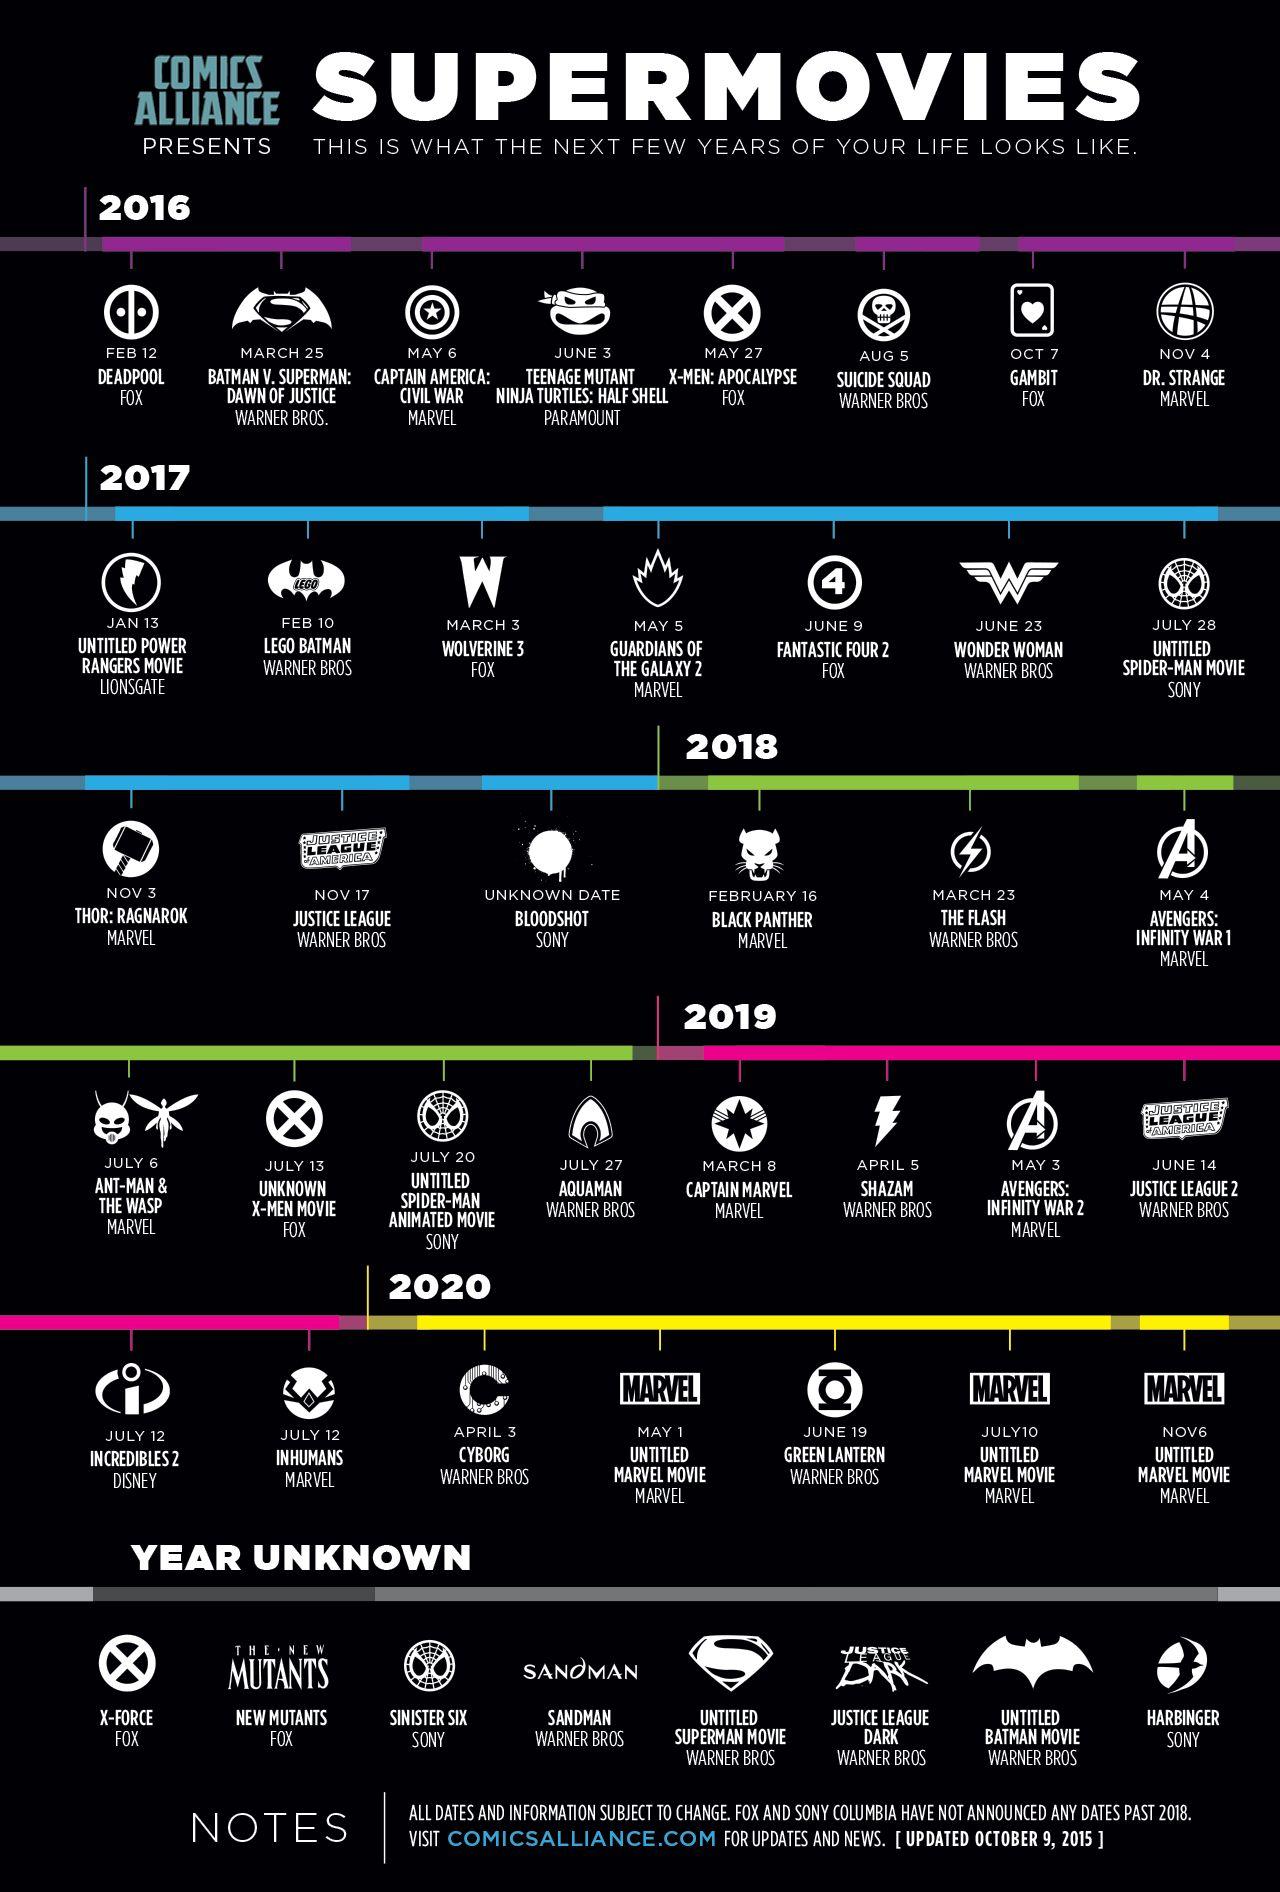 Ca_supermovies_1092015 new superhero movies superhero